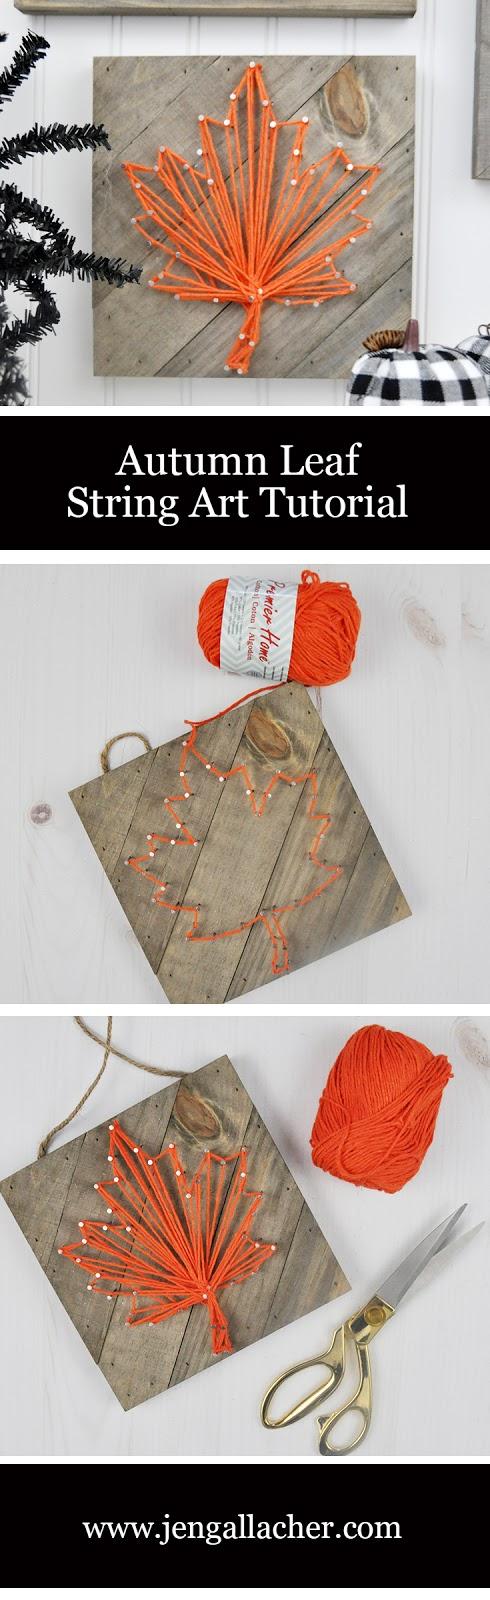 Fall String Art Frame tutorial by Jen Gallacher for Jillibean Soup. #stringart #jillibeansoup #jengallacher #autumncraft #fallstringart